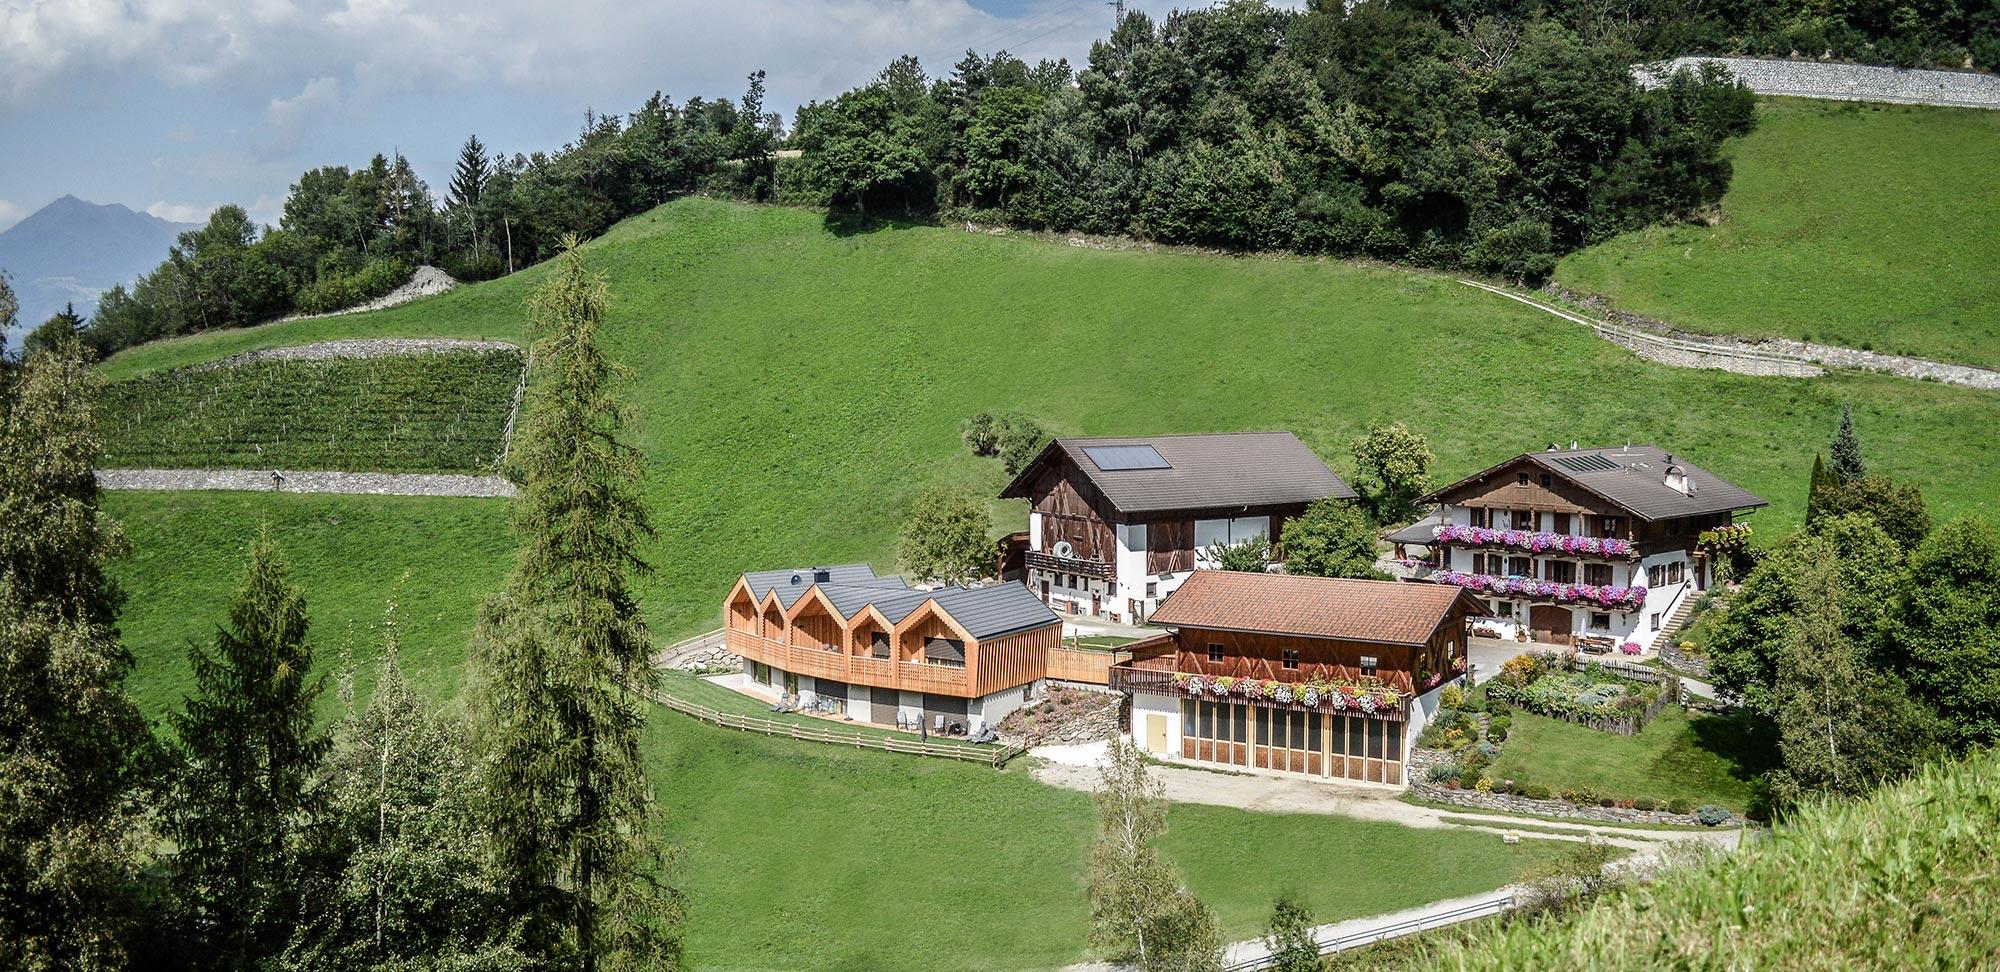 Niederthalerhof Chalet in montagna